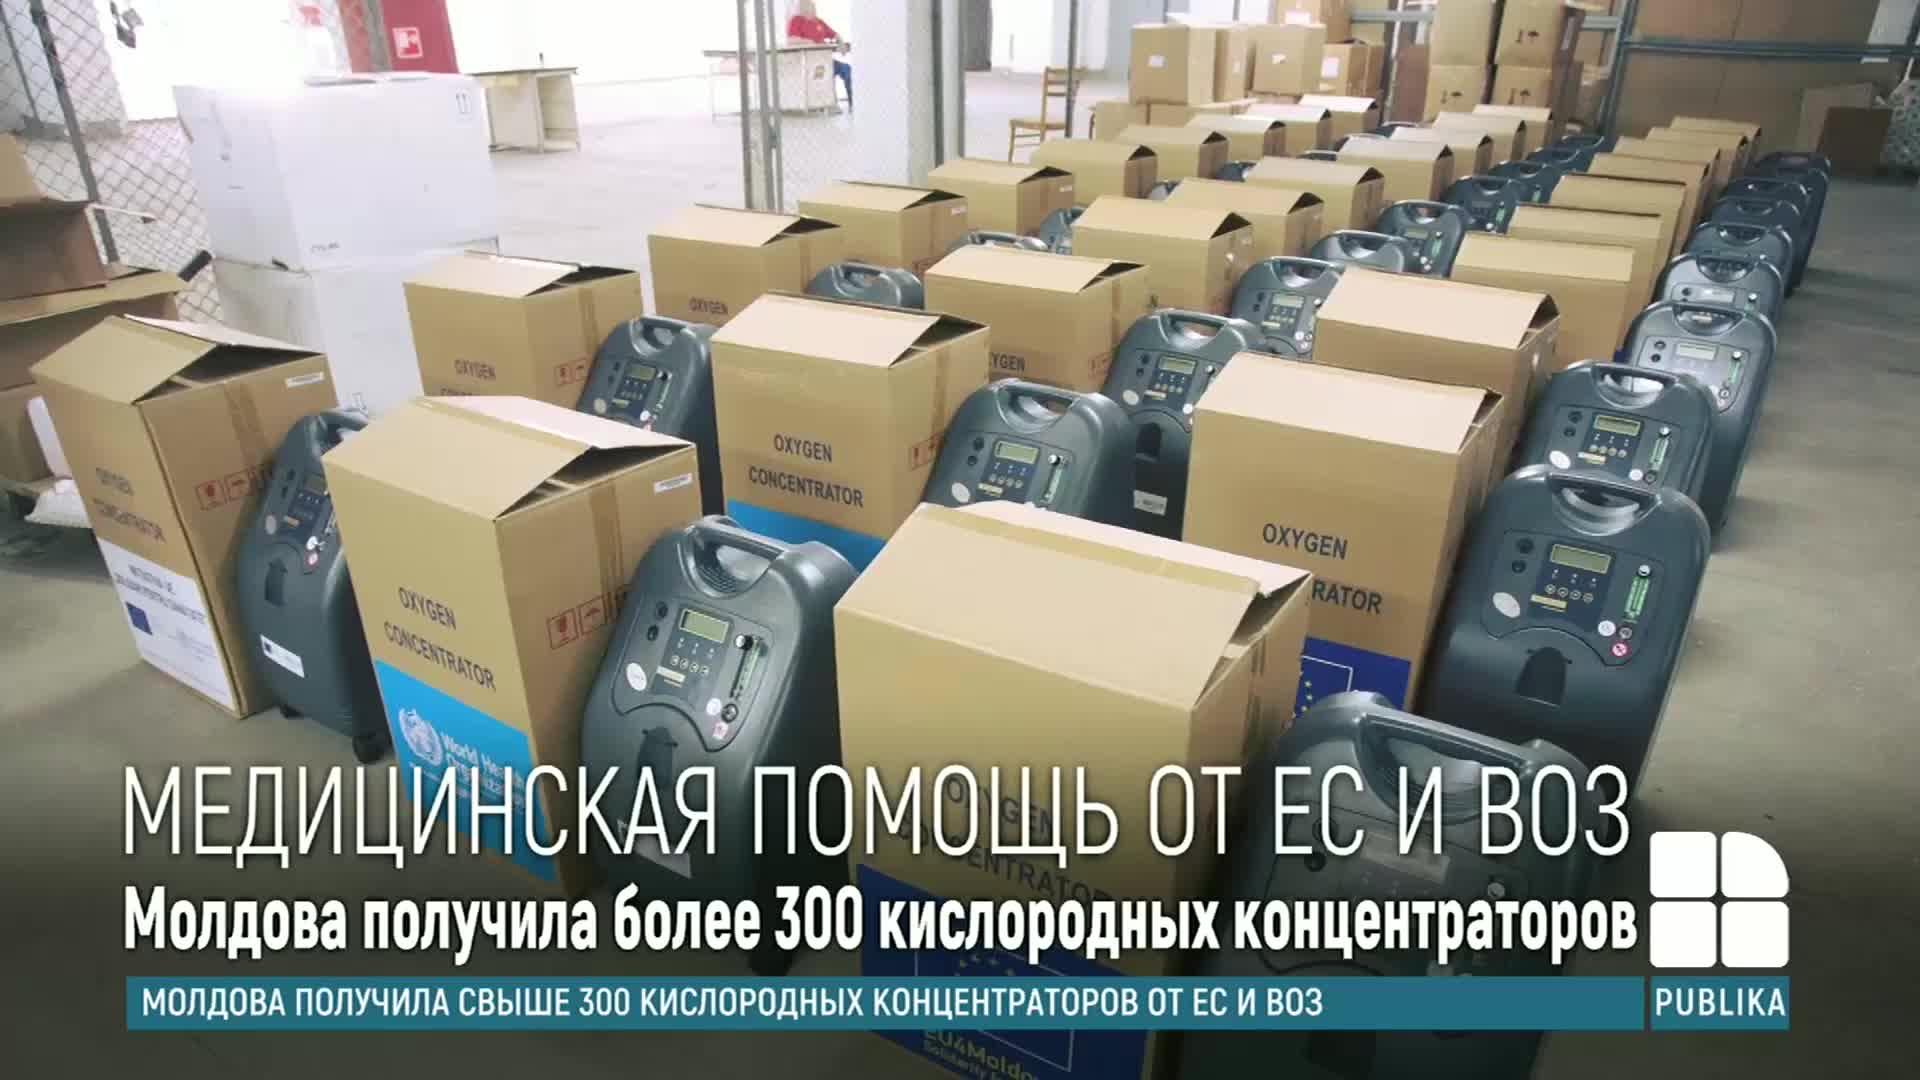 Молдова получила свыше 300 кислородных концентраторов от ЕС и ВОЗ